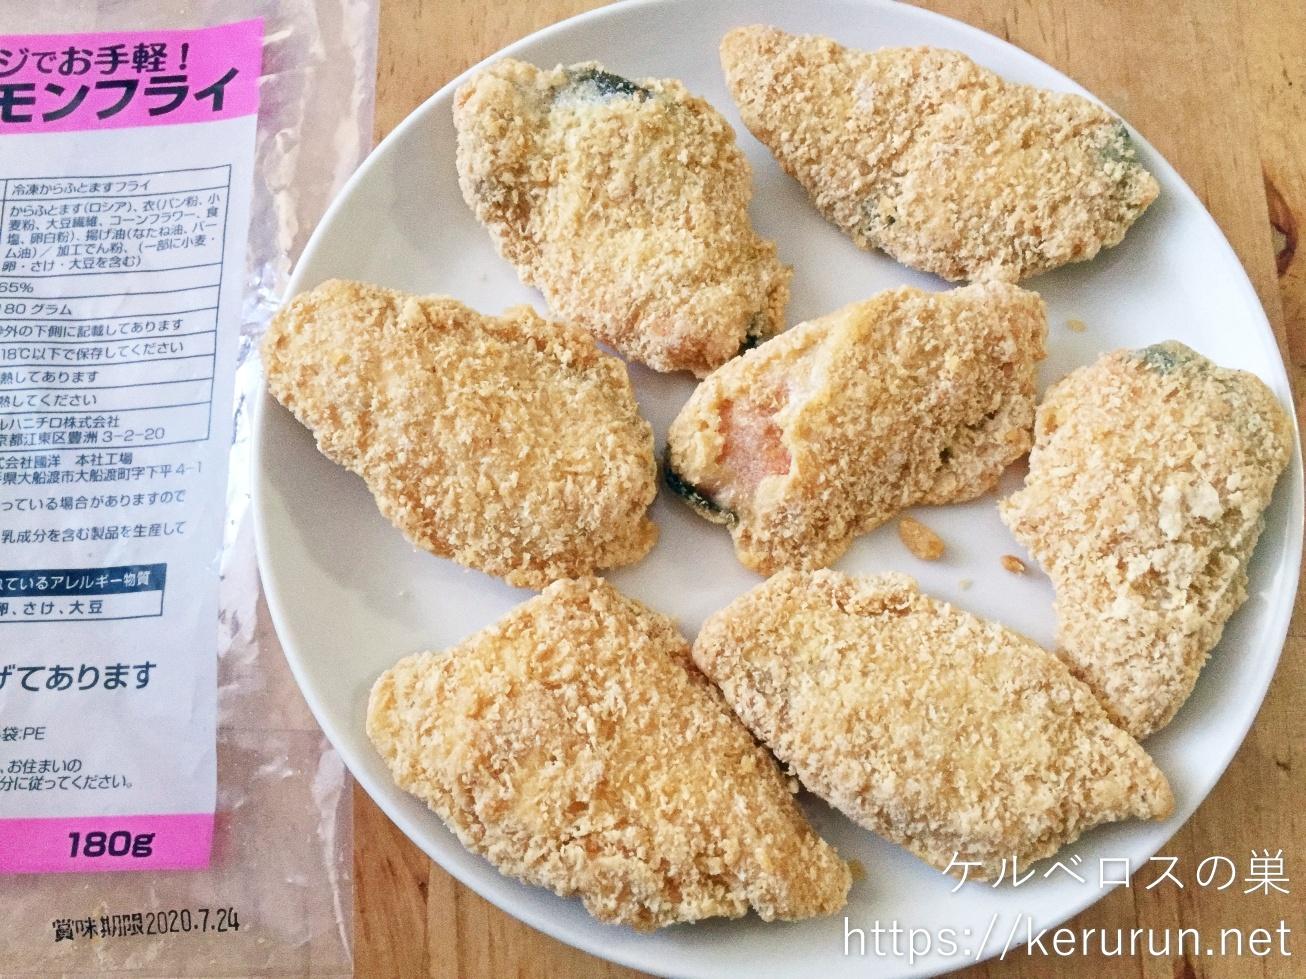 鮭フライ弁当